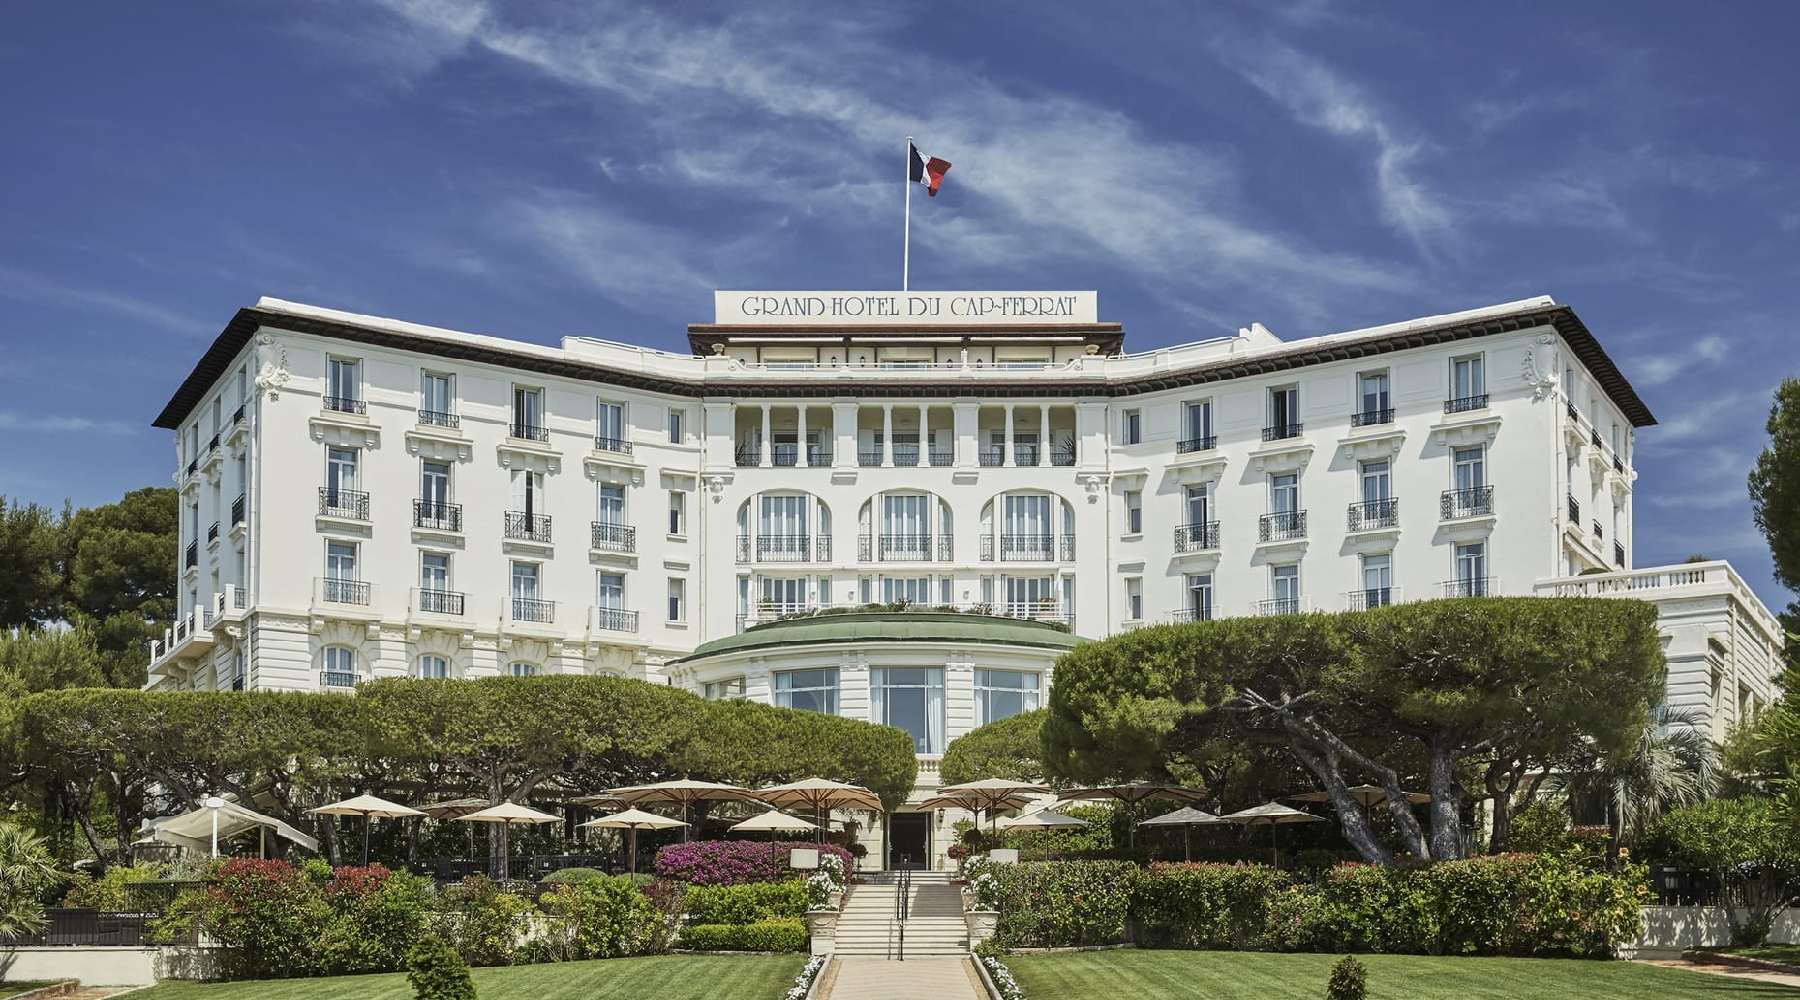 Grand Hotel du Cap-Ferrat, Saint -Jean Cap-Ferrat